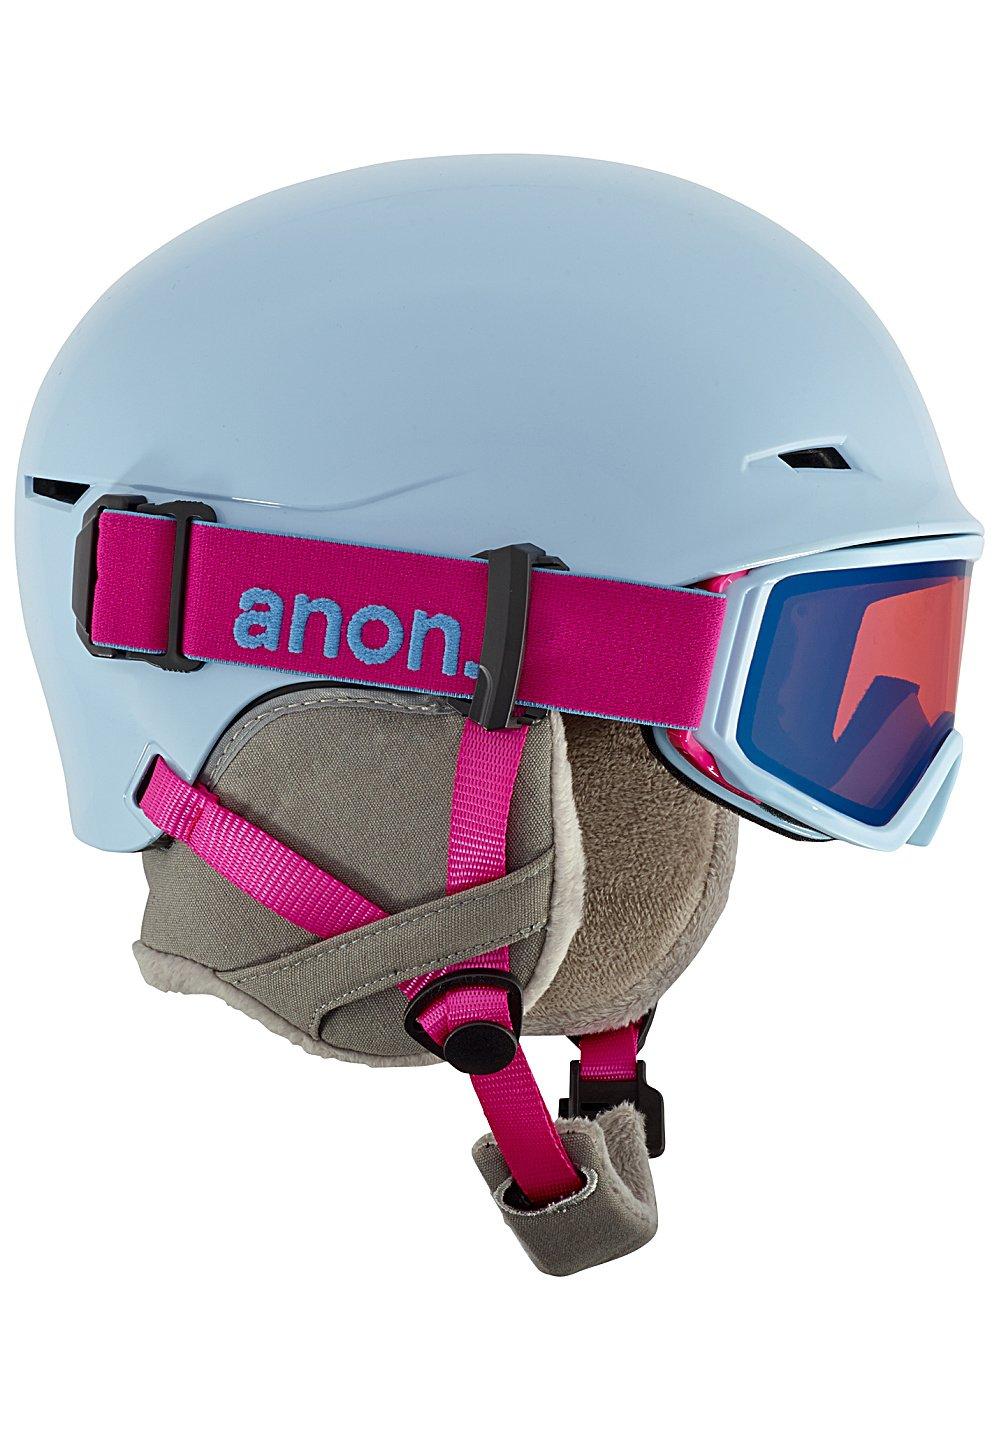 Anon Jungen Snowboardhelm Define Define Define B075V88Y1C Skihelme Vollständige Spezifikationen 5a34ad